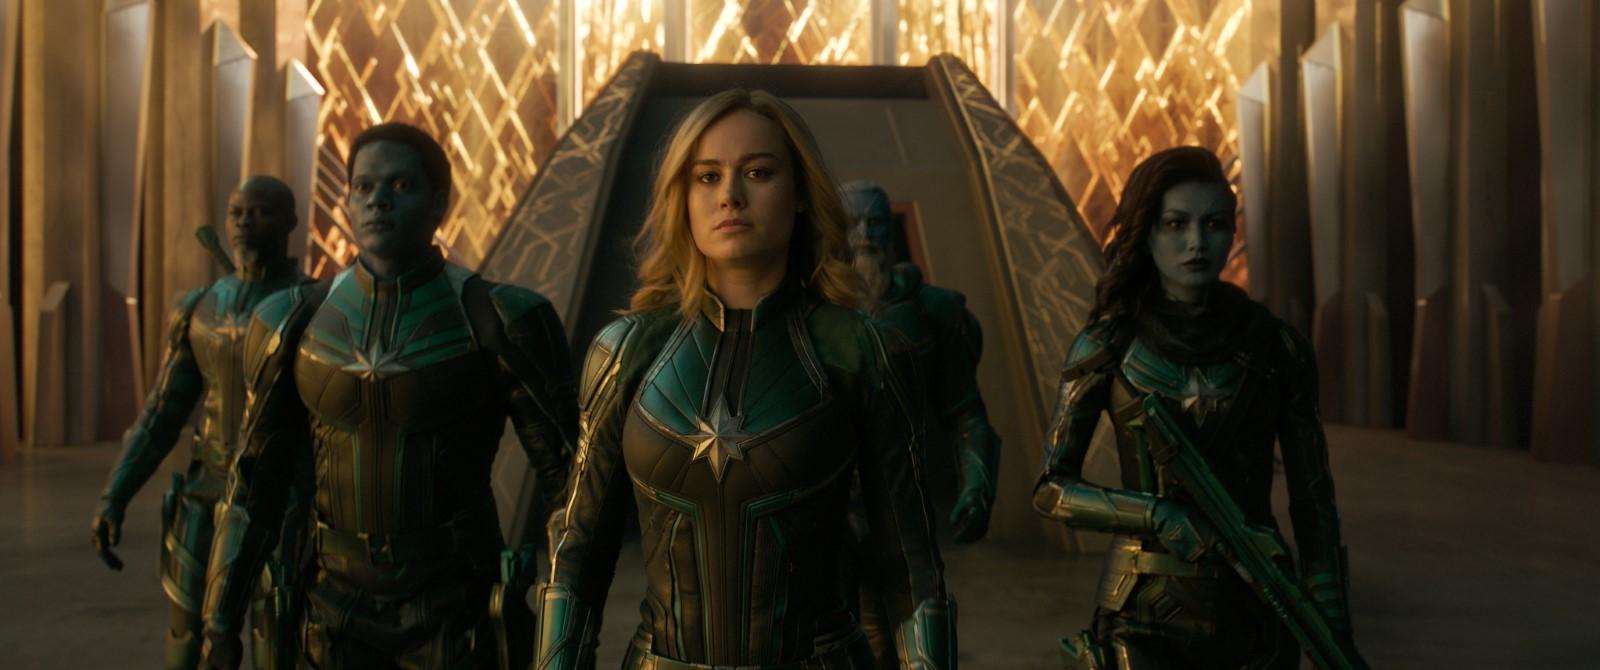 Critique Captain Marvel : une simple introduction d'Endgame ?